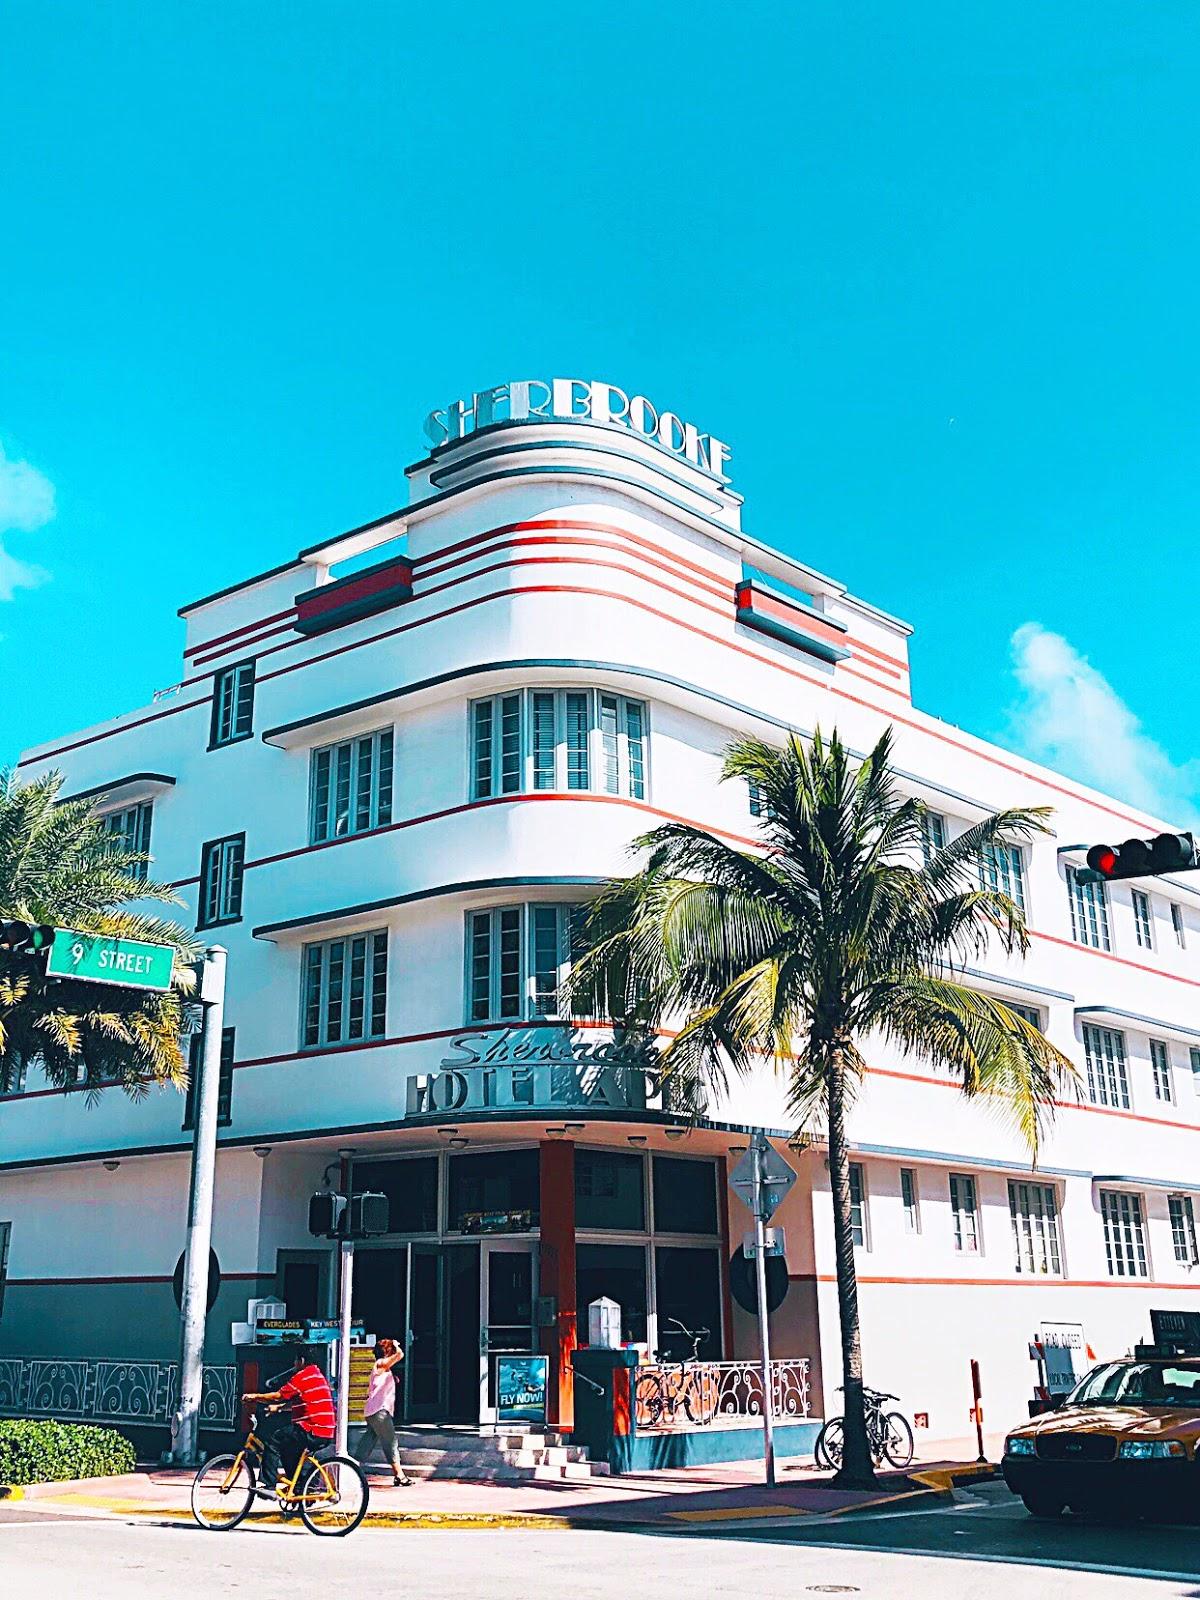 Mi más reciente guía de Miami: 4 lugares que debes visitar